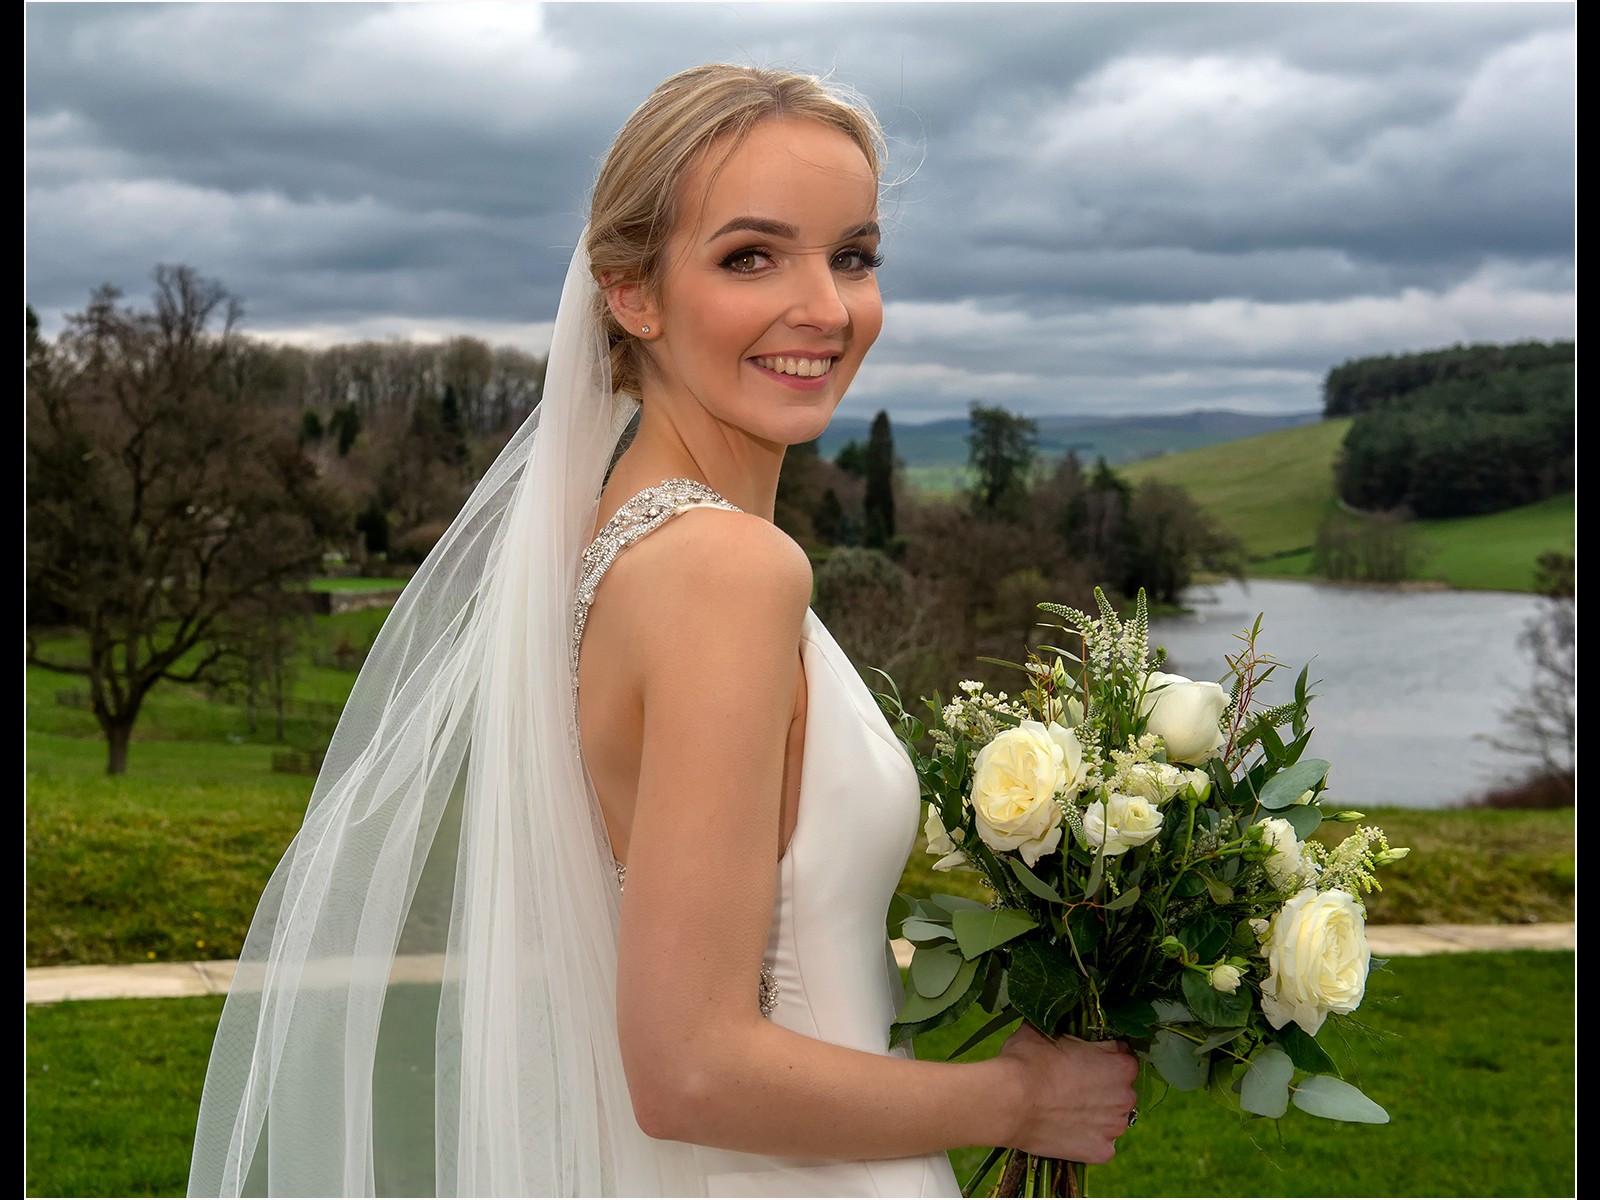 Alex on her Wedding Day